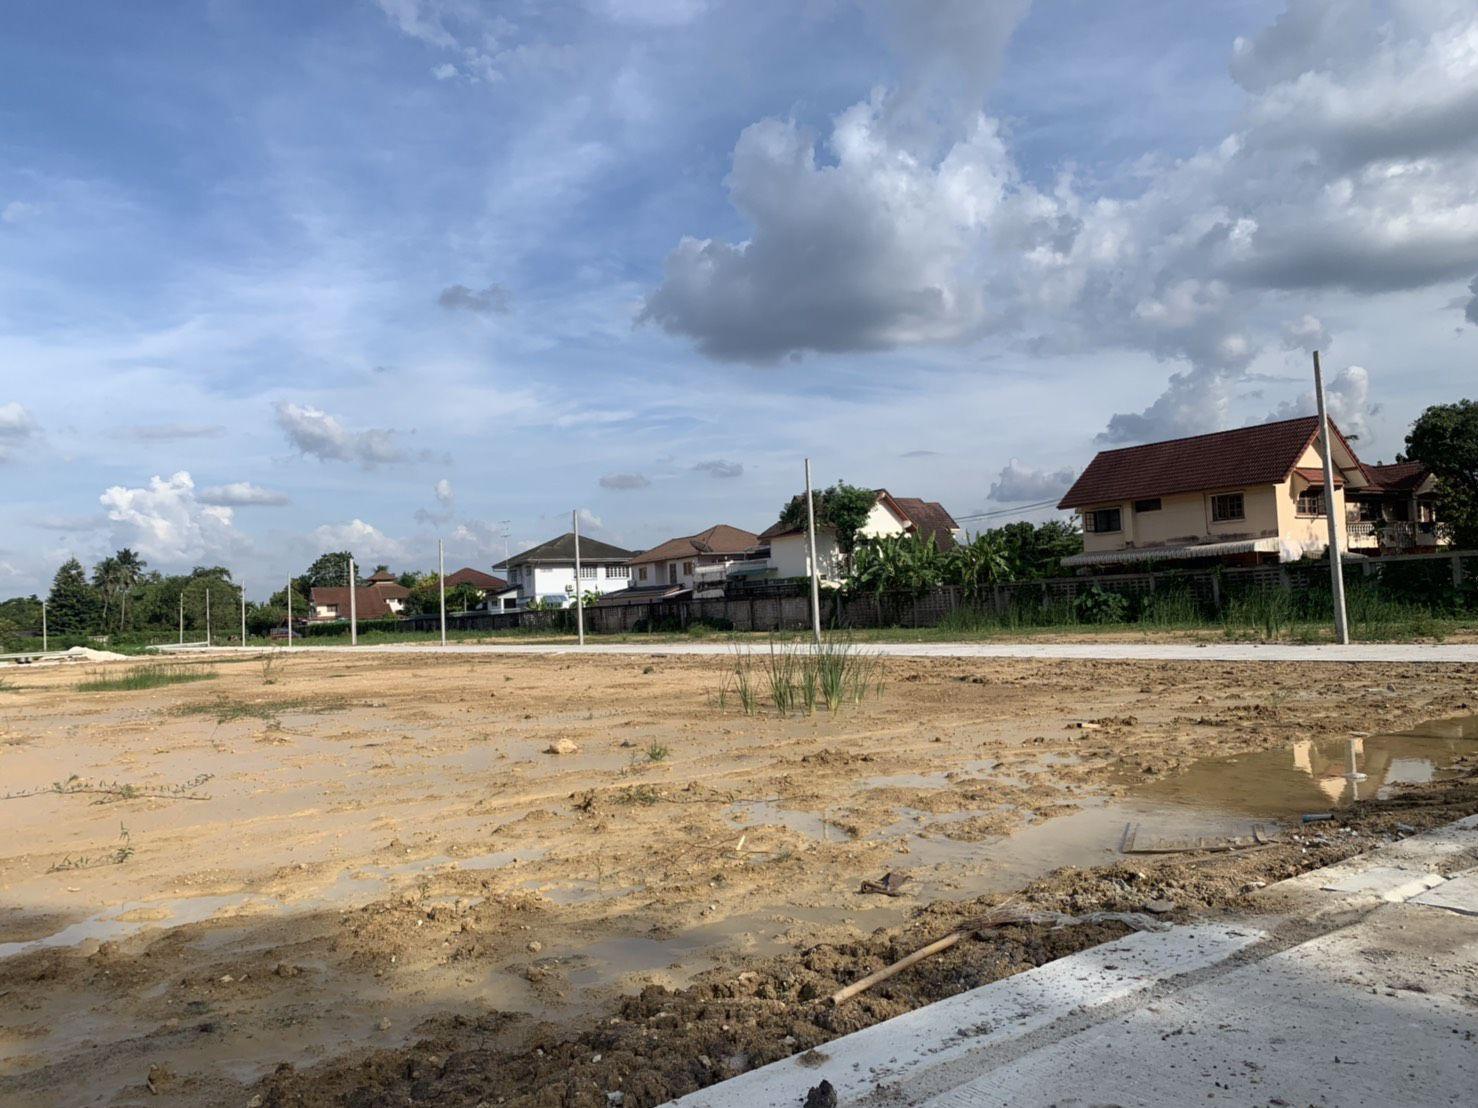 ให้เช่าที่ดินระยะยาว-โครงการหมู่บ้าน-โชคทวี-วัดใหม่ผดุงเขต-โครงการจัดสรรที่ดิน-ทวีวัฒนา-กรุงเทพ